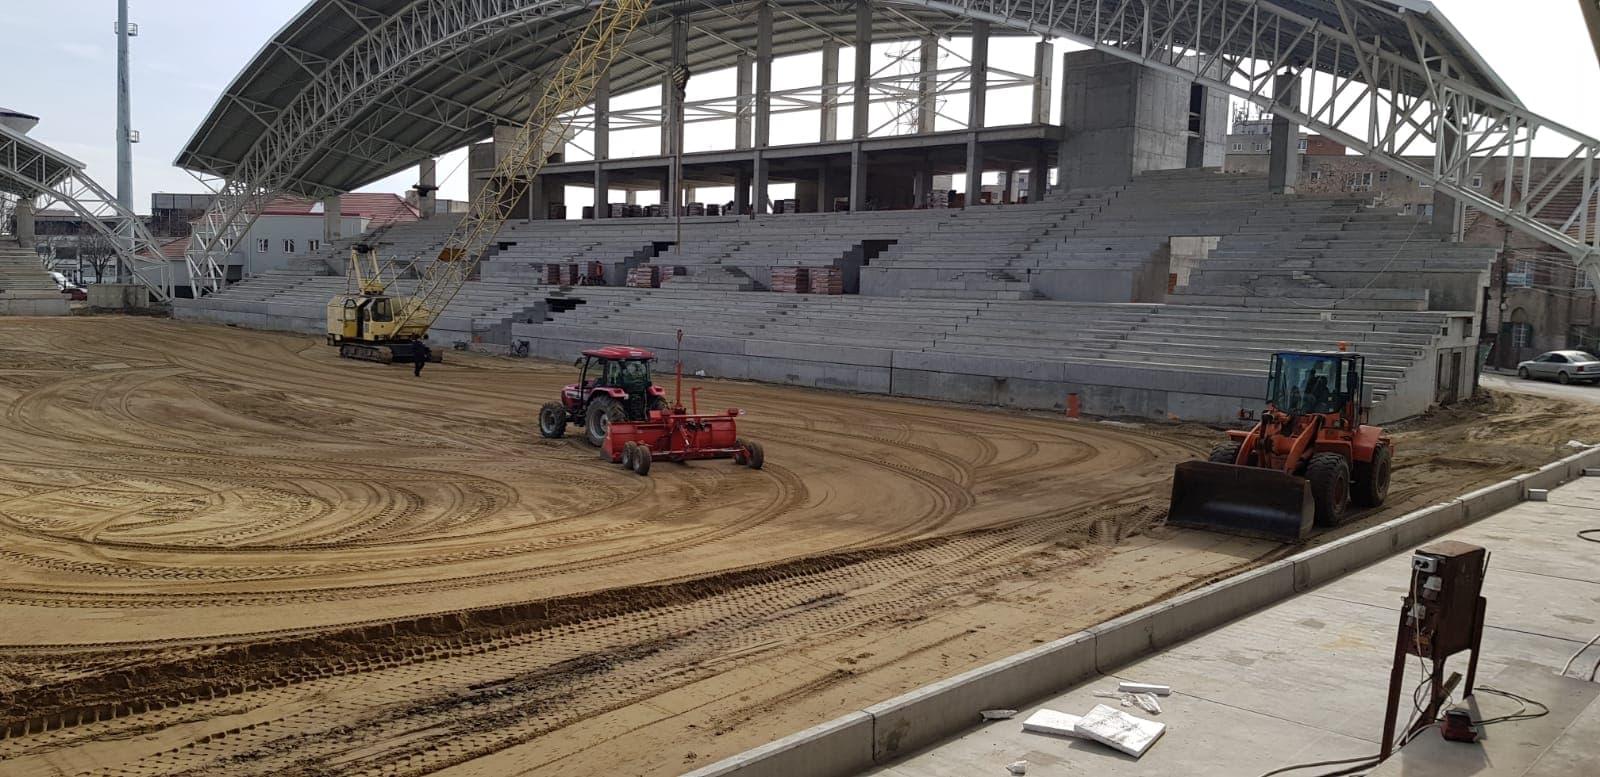 Arădenii, nemulțumiți de reluarea lucrărilor la stadion: Dacă-i dădeau pace, se înierba mai repede